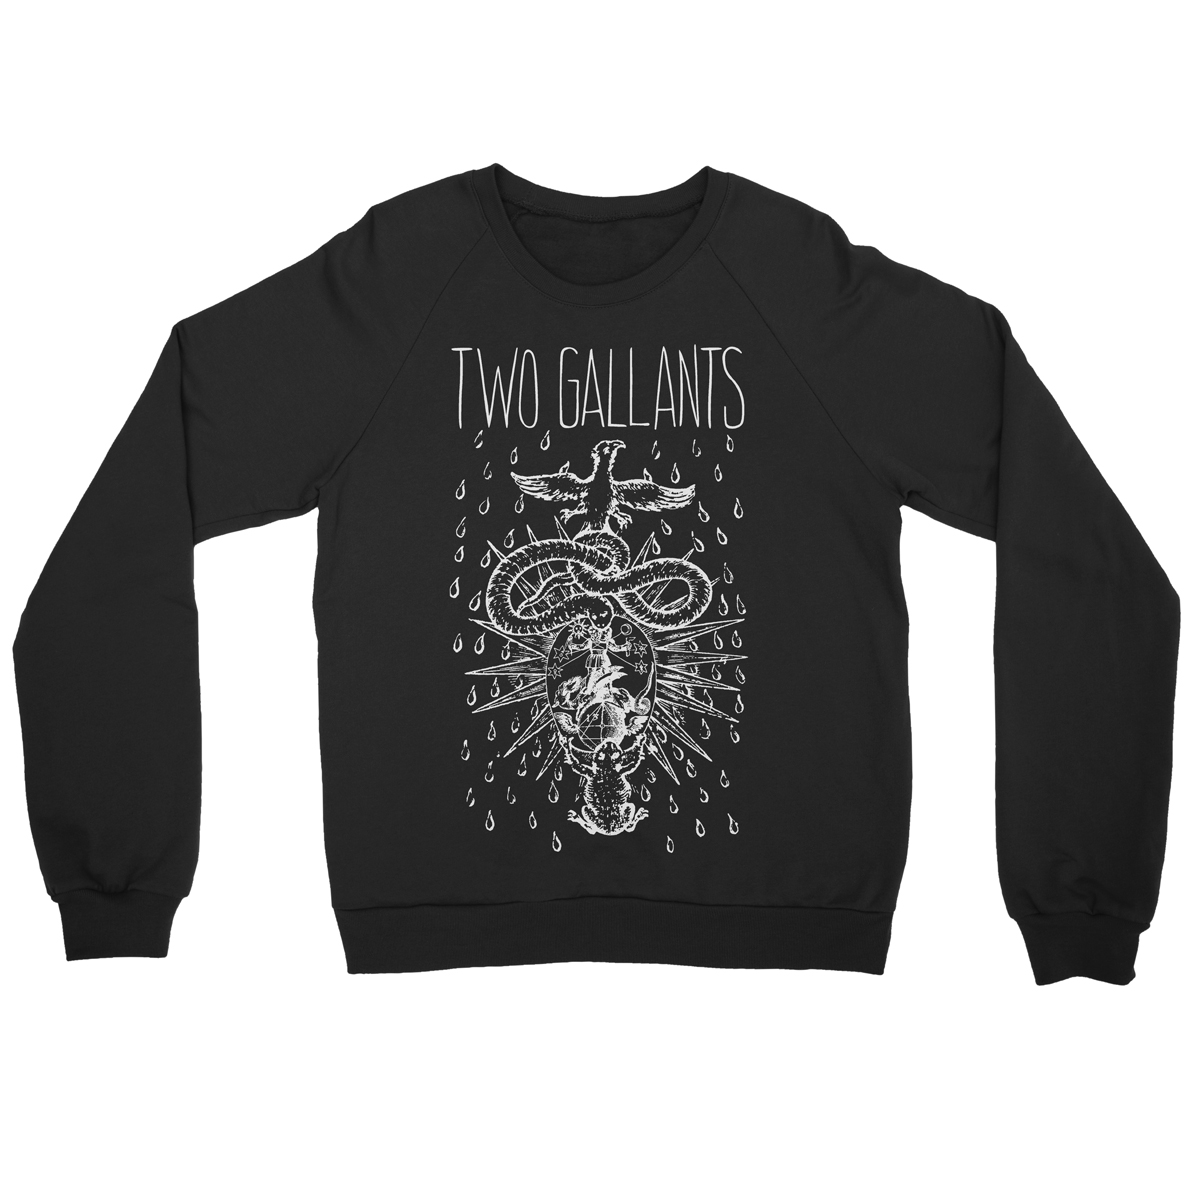 Bird Snake Sweatshirt - Two Gallants